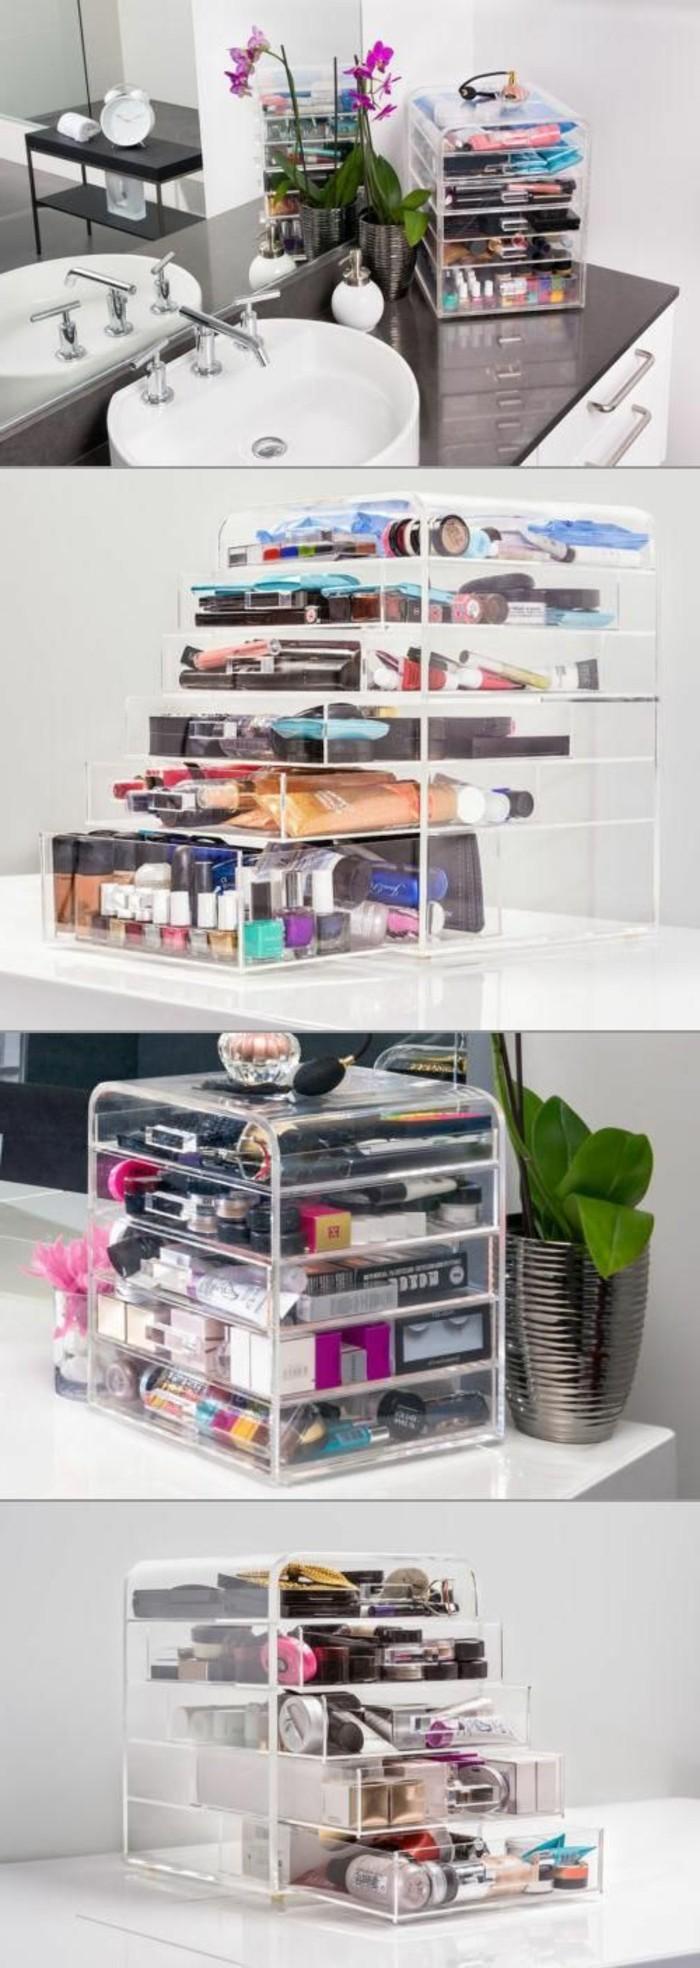 117 meuble de rangement en plastique pas cher eda plastiques tour de rangement city 10 tiroirs. Black Bedroom Furniture Sets. Home Design Ideas